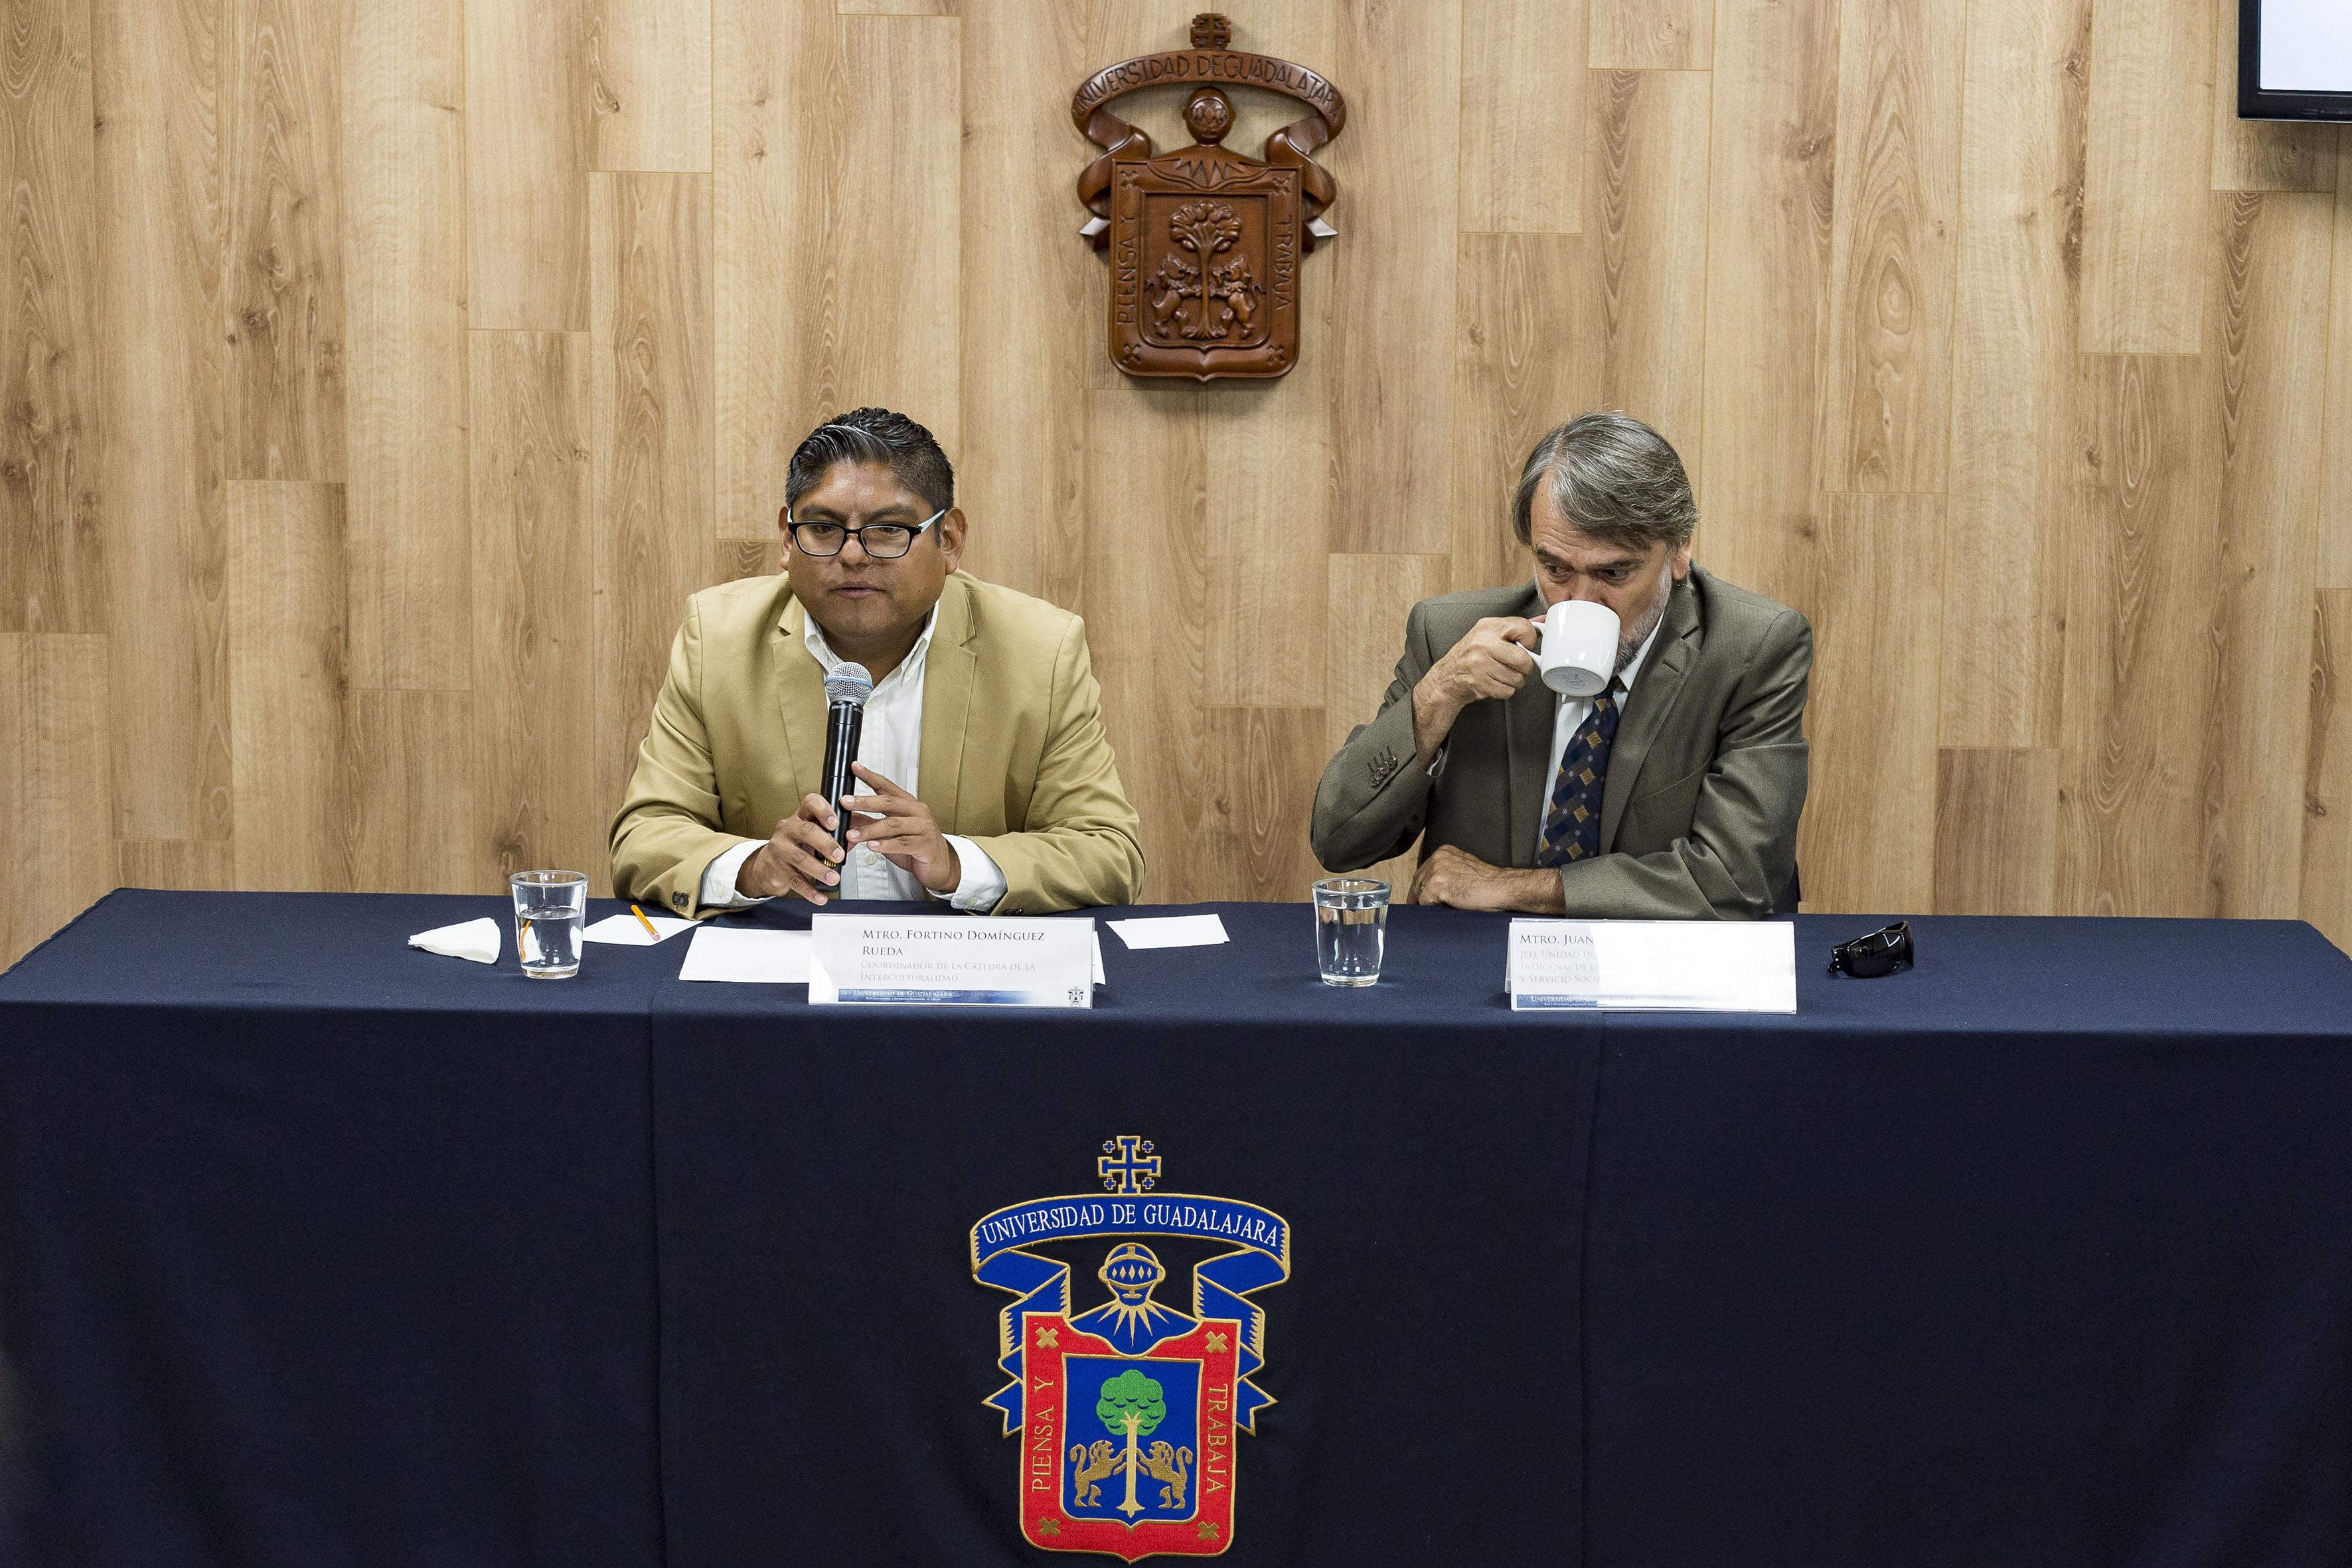 Coordinador de la Cátedra de la Interculturalidad, de la Universidad de Guadalajara (UdeG), maestro Fortino Domínguez Rueda, haciendo uso de la palabra